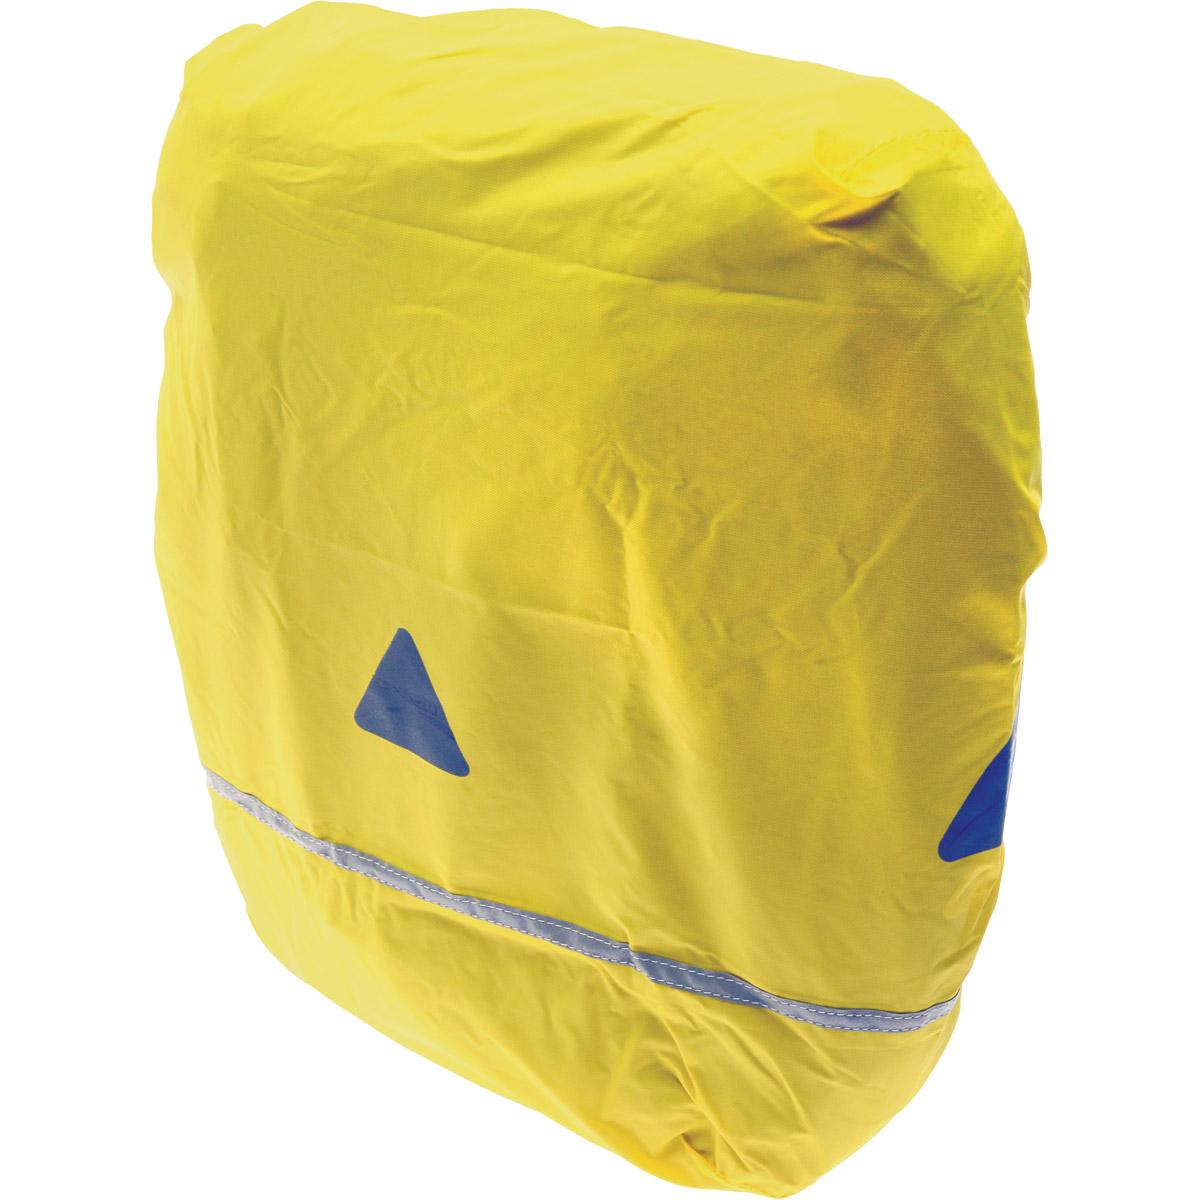 Pannier Rain Cover Rain Covers Bags Panniers